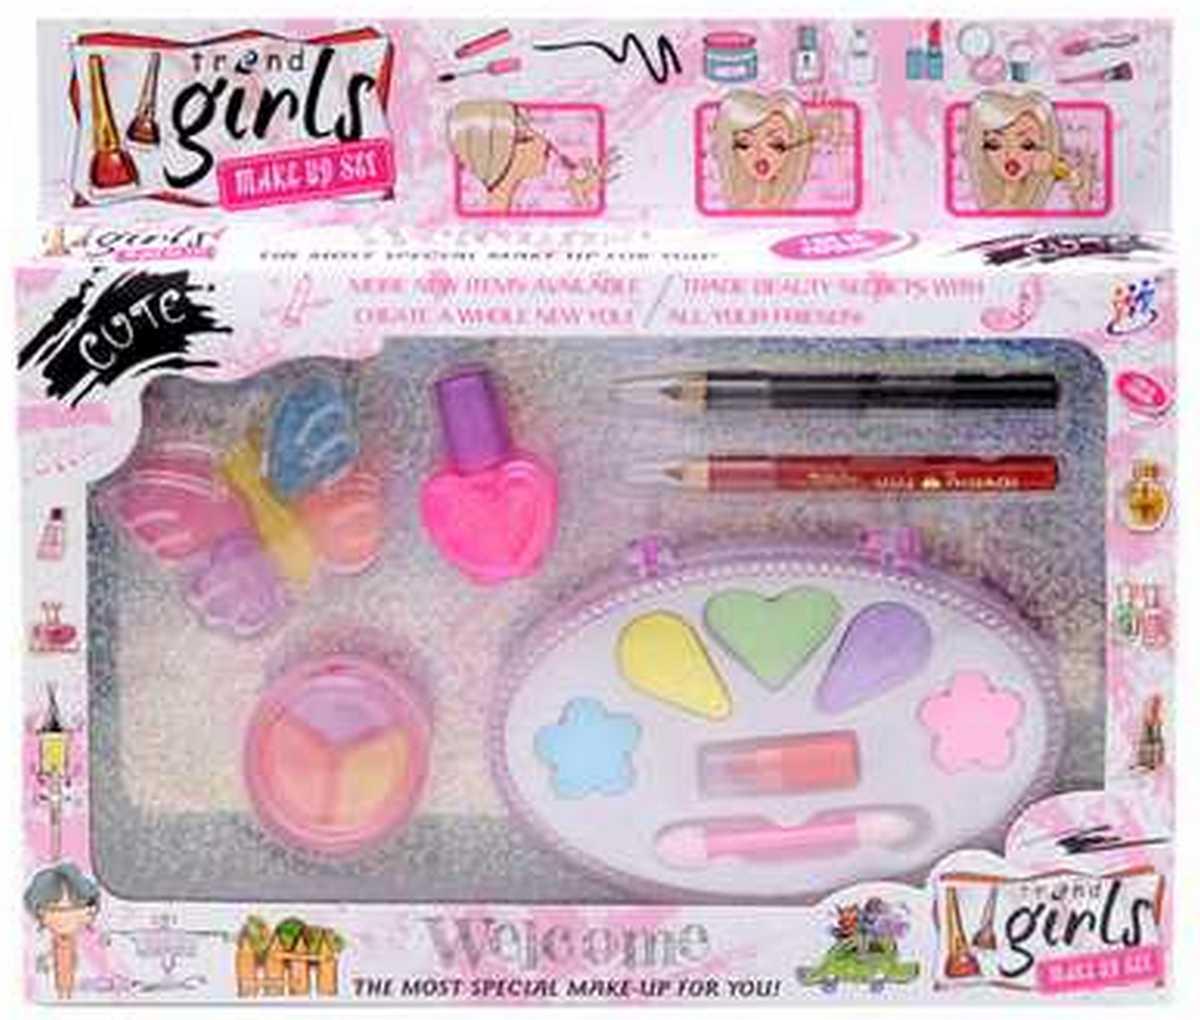 bk toys Набор косметики Trend Girls для девочек 6602